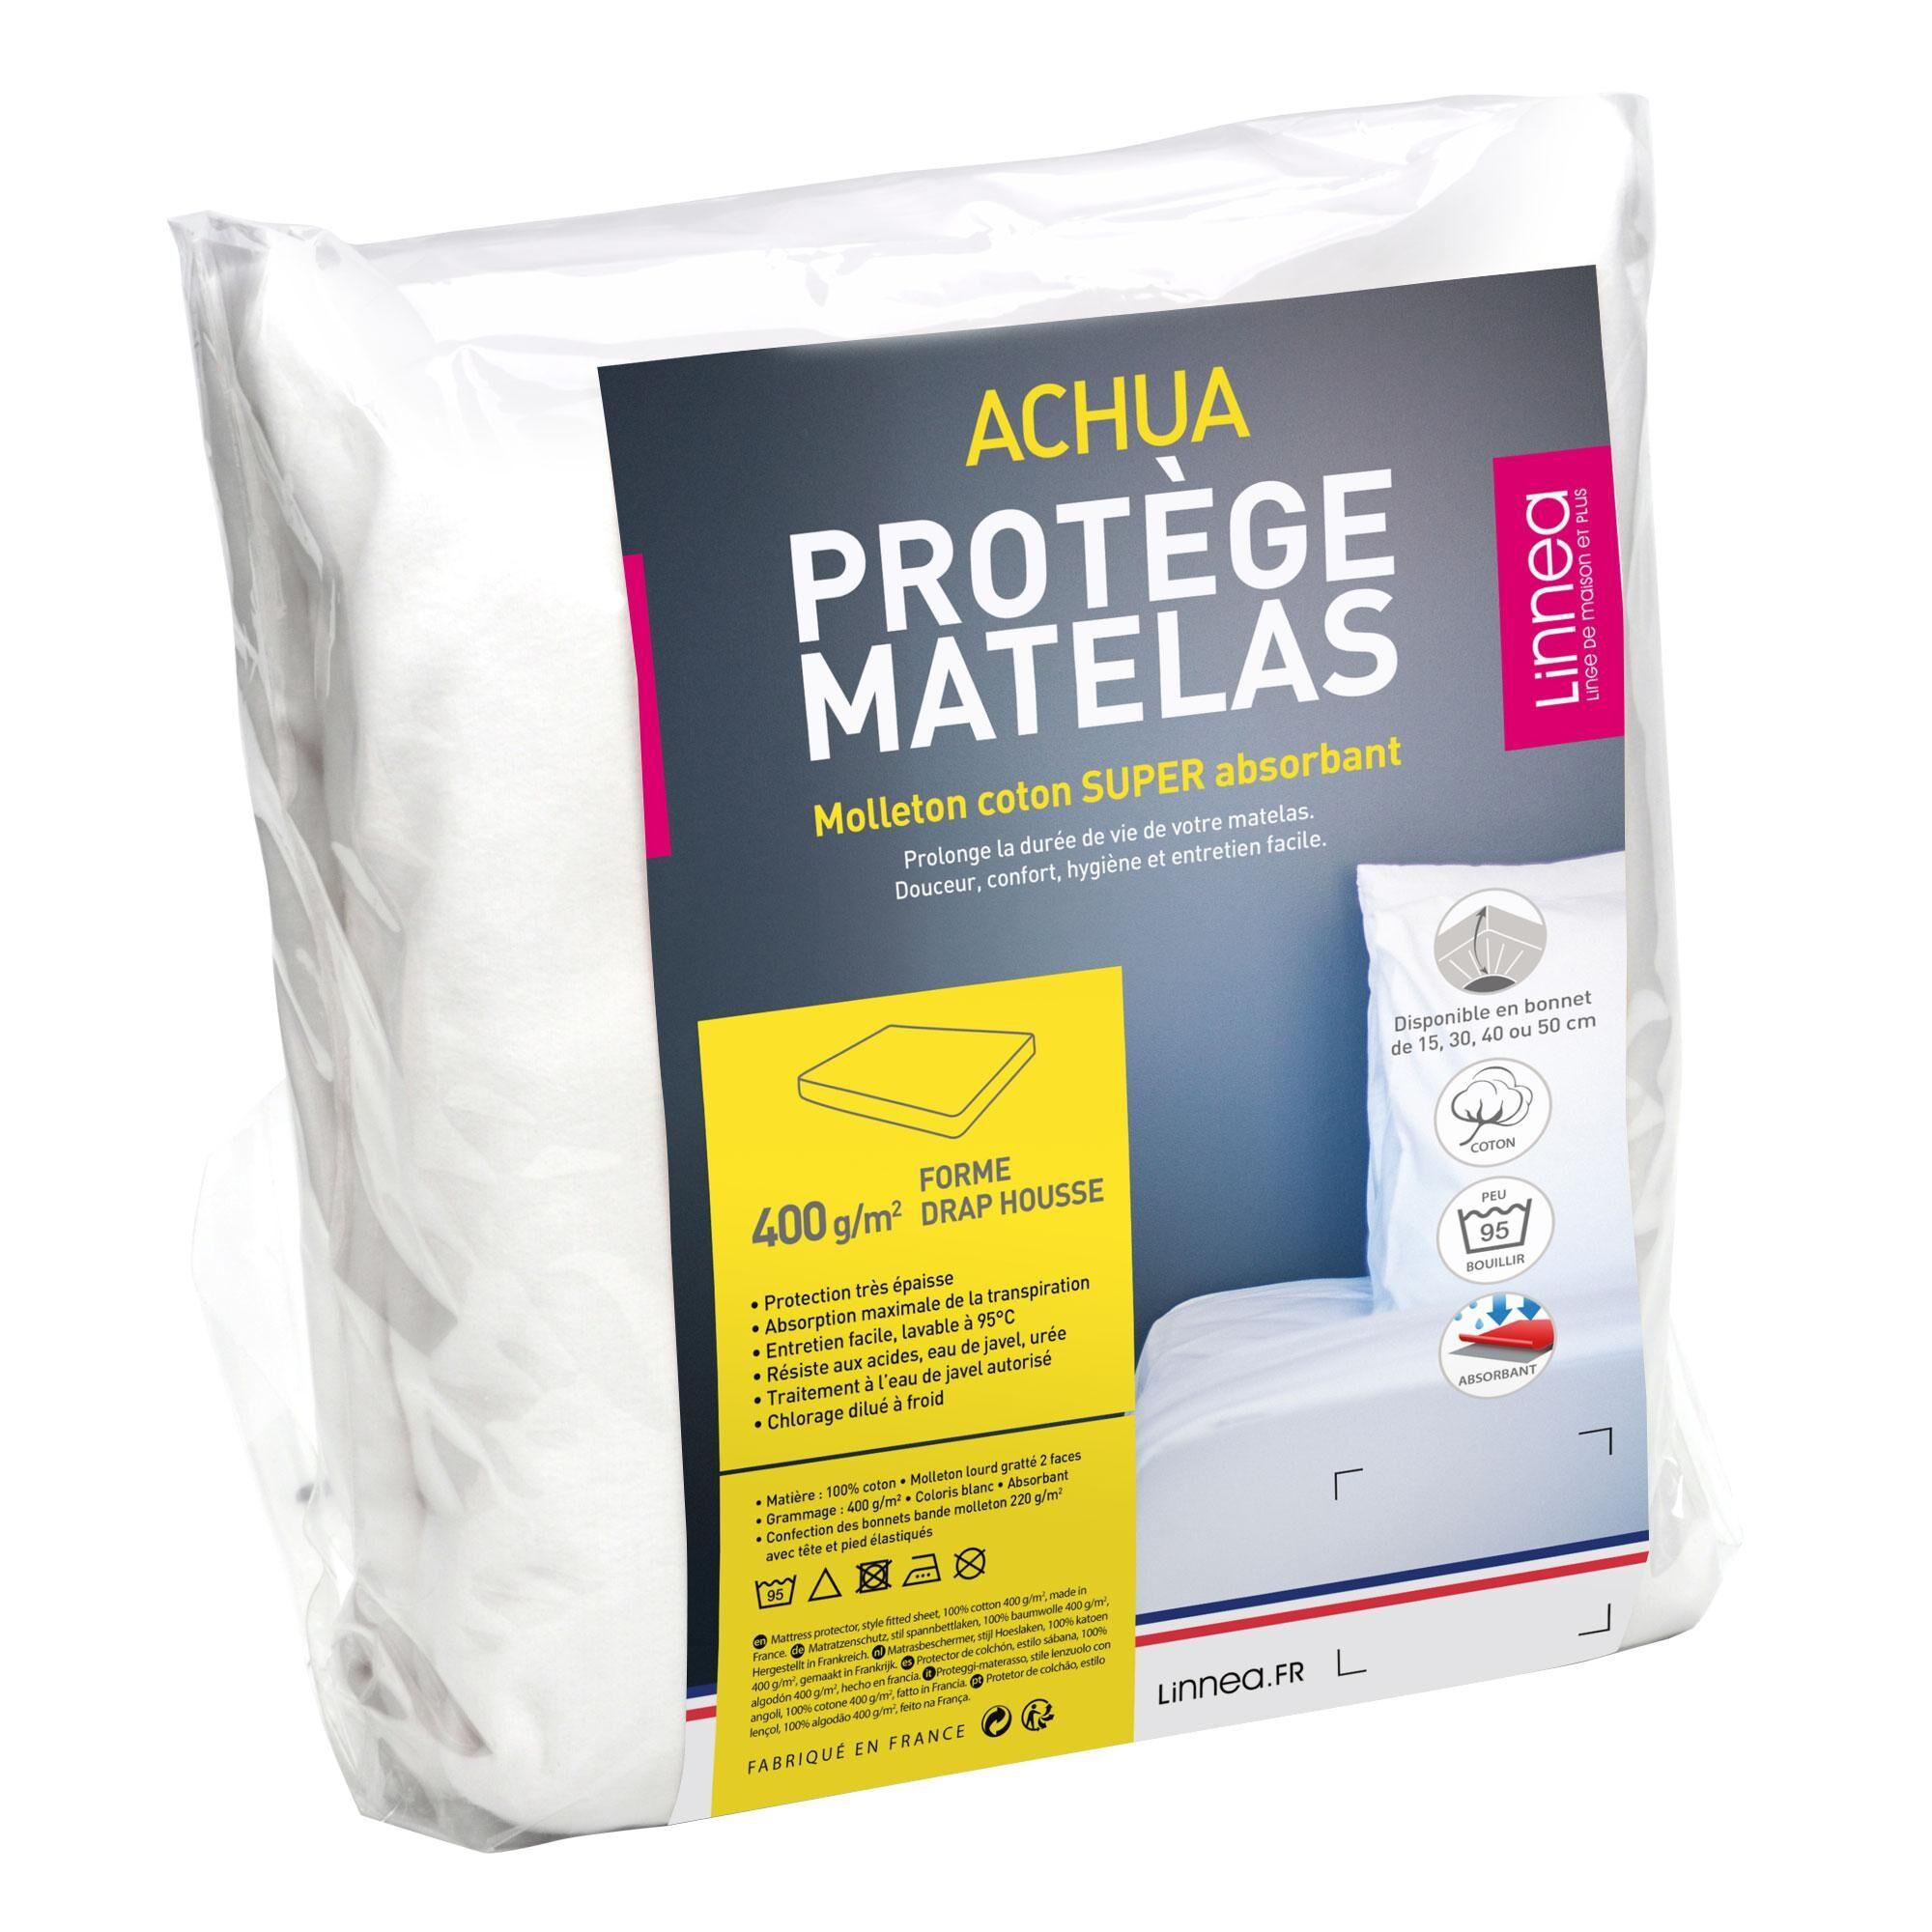 Linnea Protège matelas 80x220 cm ACHUA Molleton 100% coton 400 g/m2 bonnet 40cm